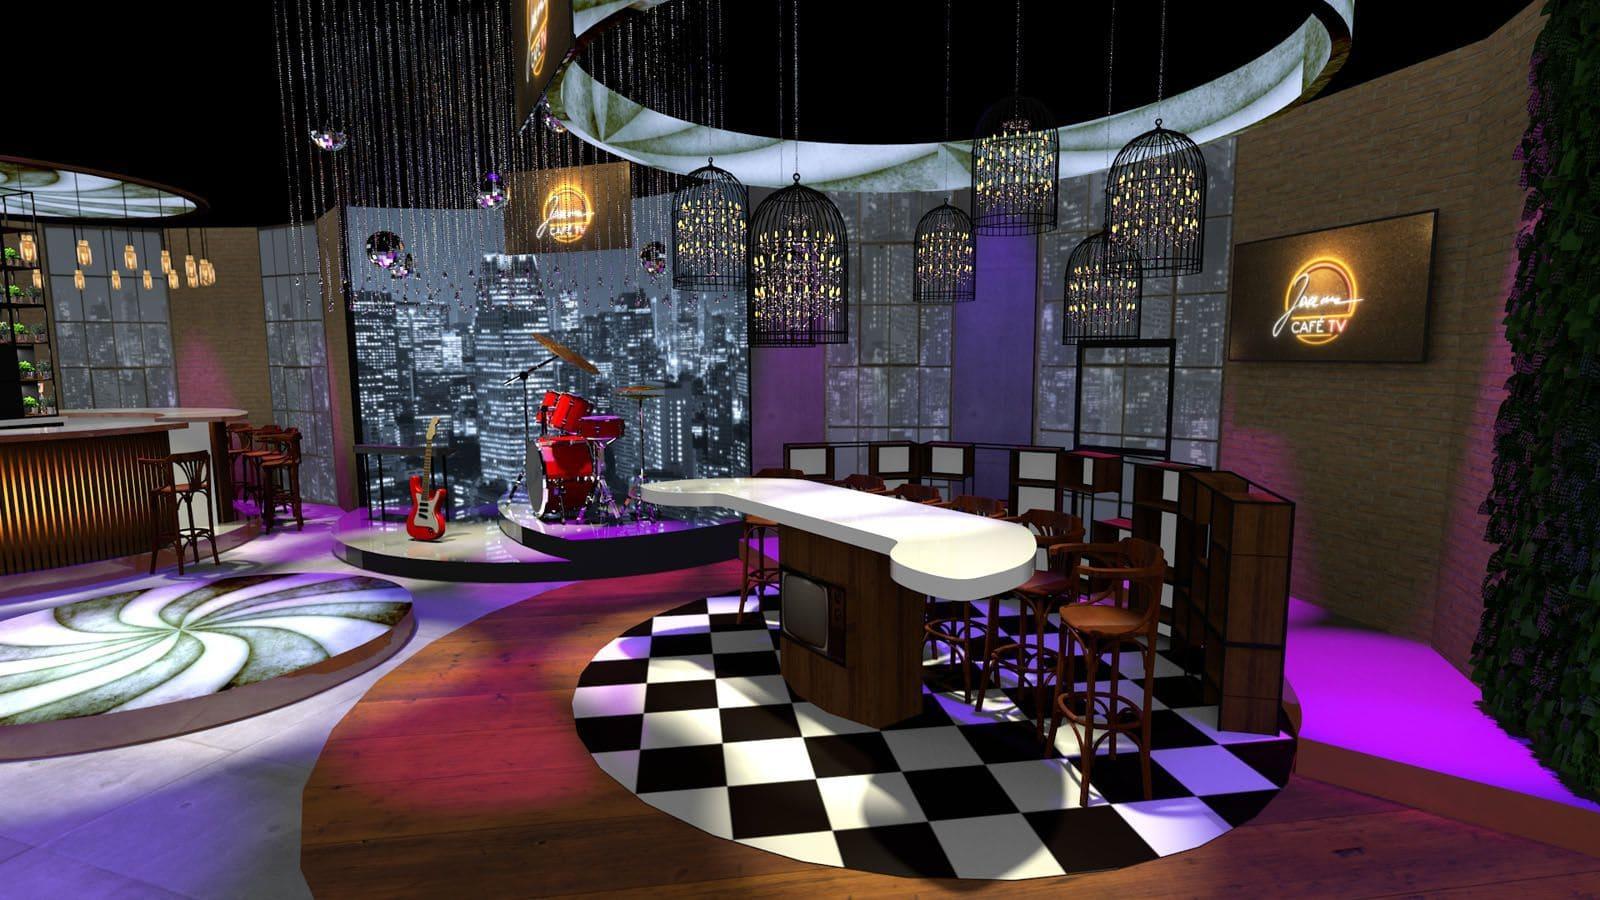 studio telewizyjne - wizualizacja 3D